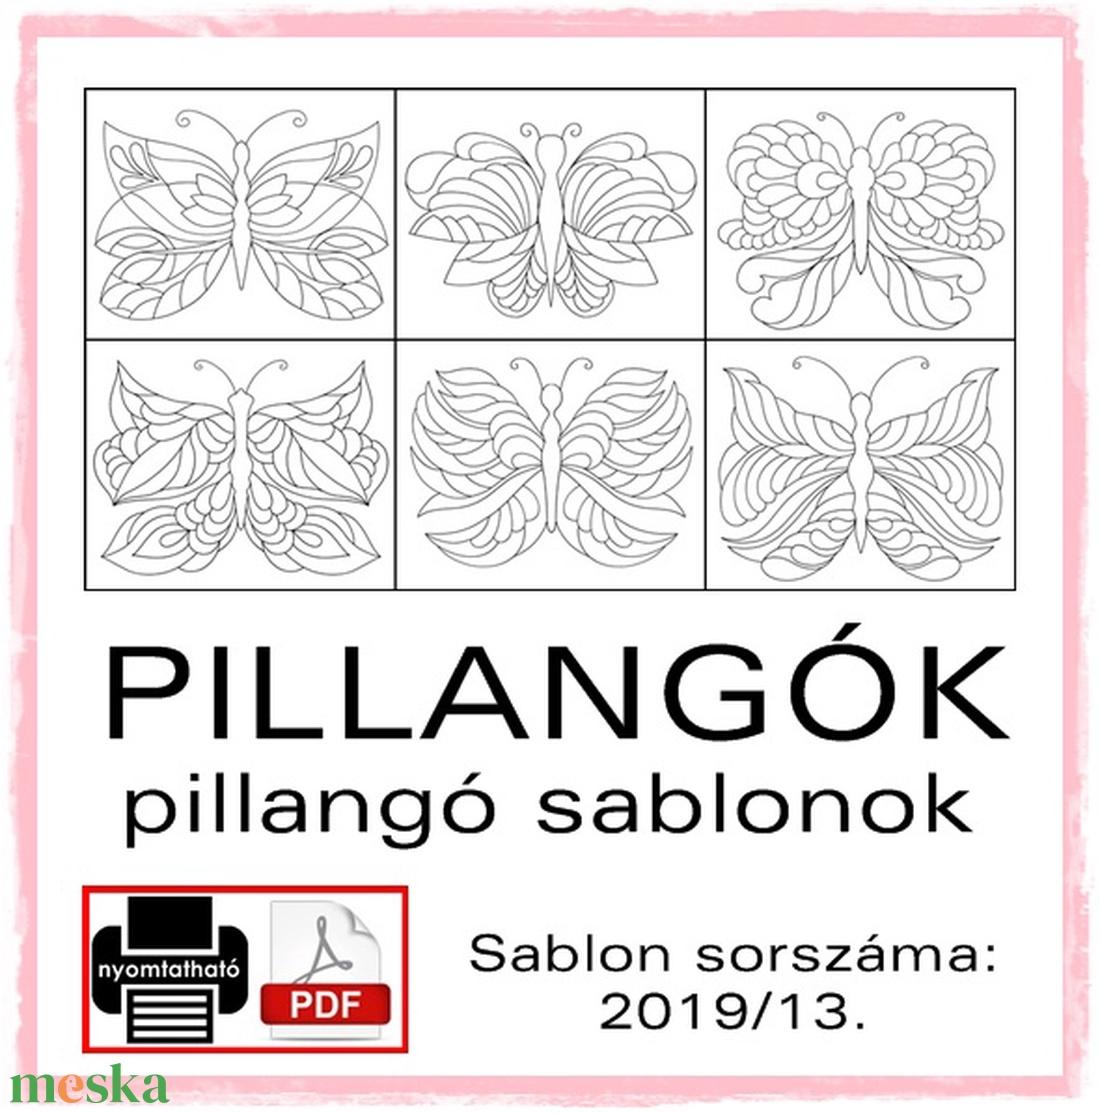 Pillangó sablon füzet 2019/13 (kedo) - Meska.hu